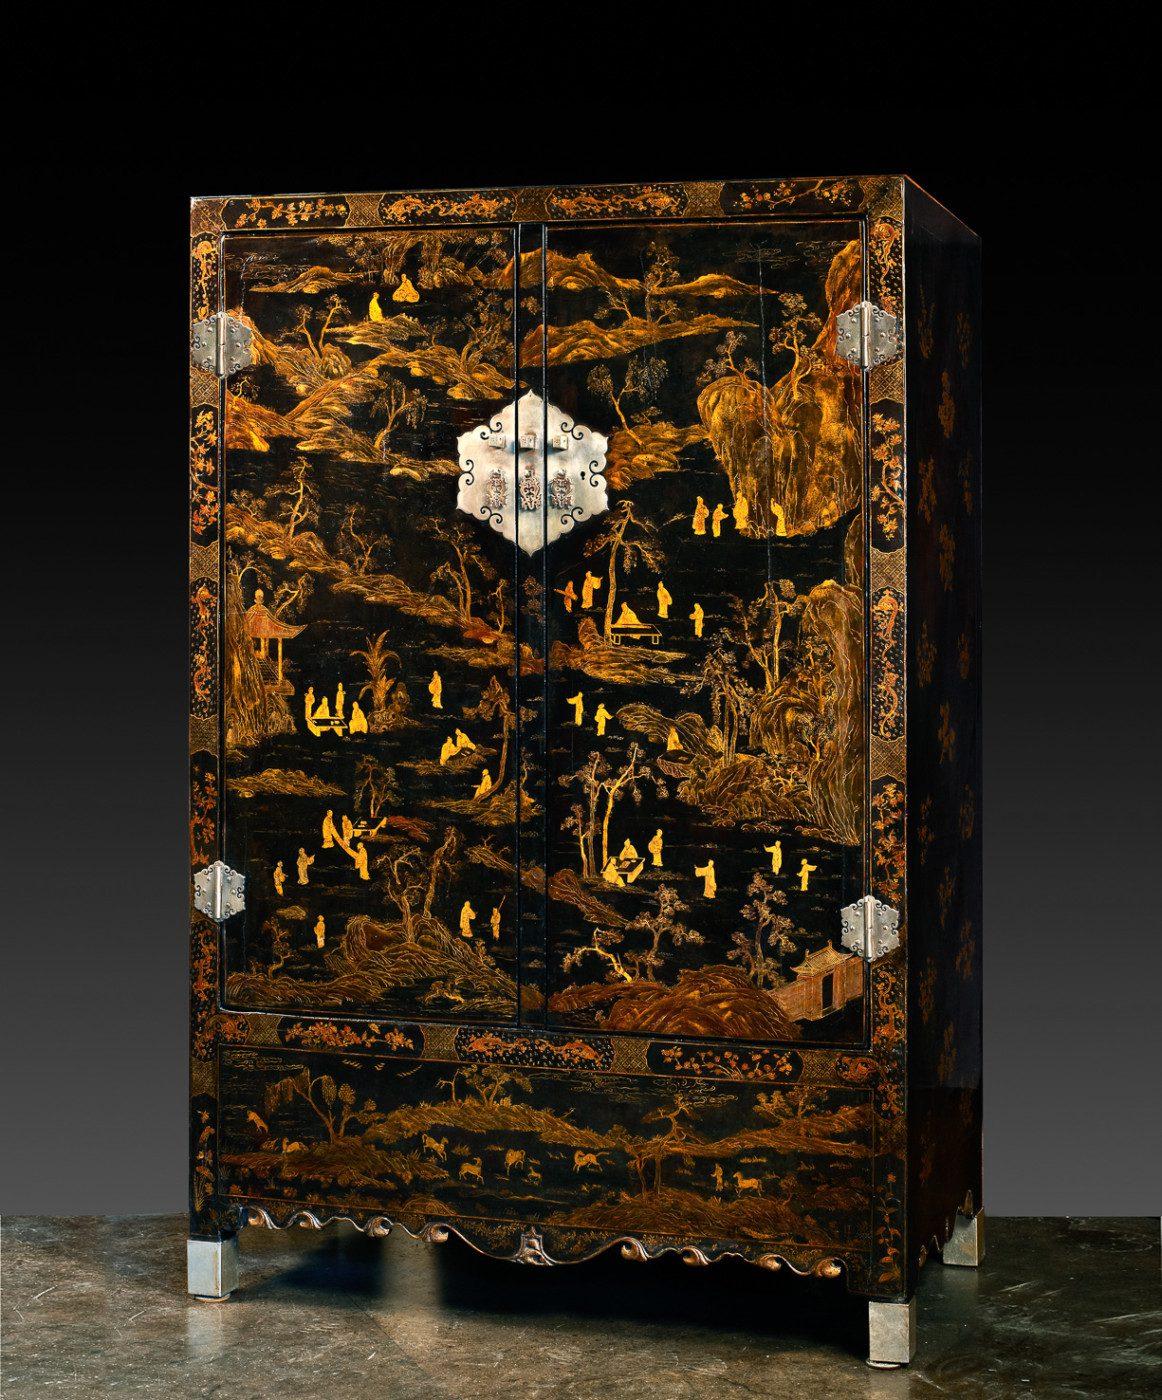 Guarda-roupa com fundo preto e decoração dourada (197cm x 128cm x 64cm)